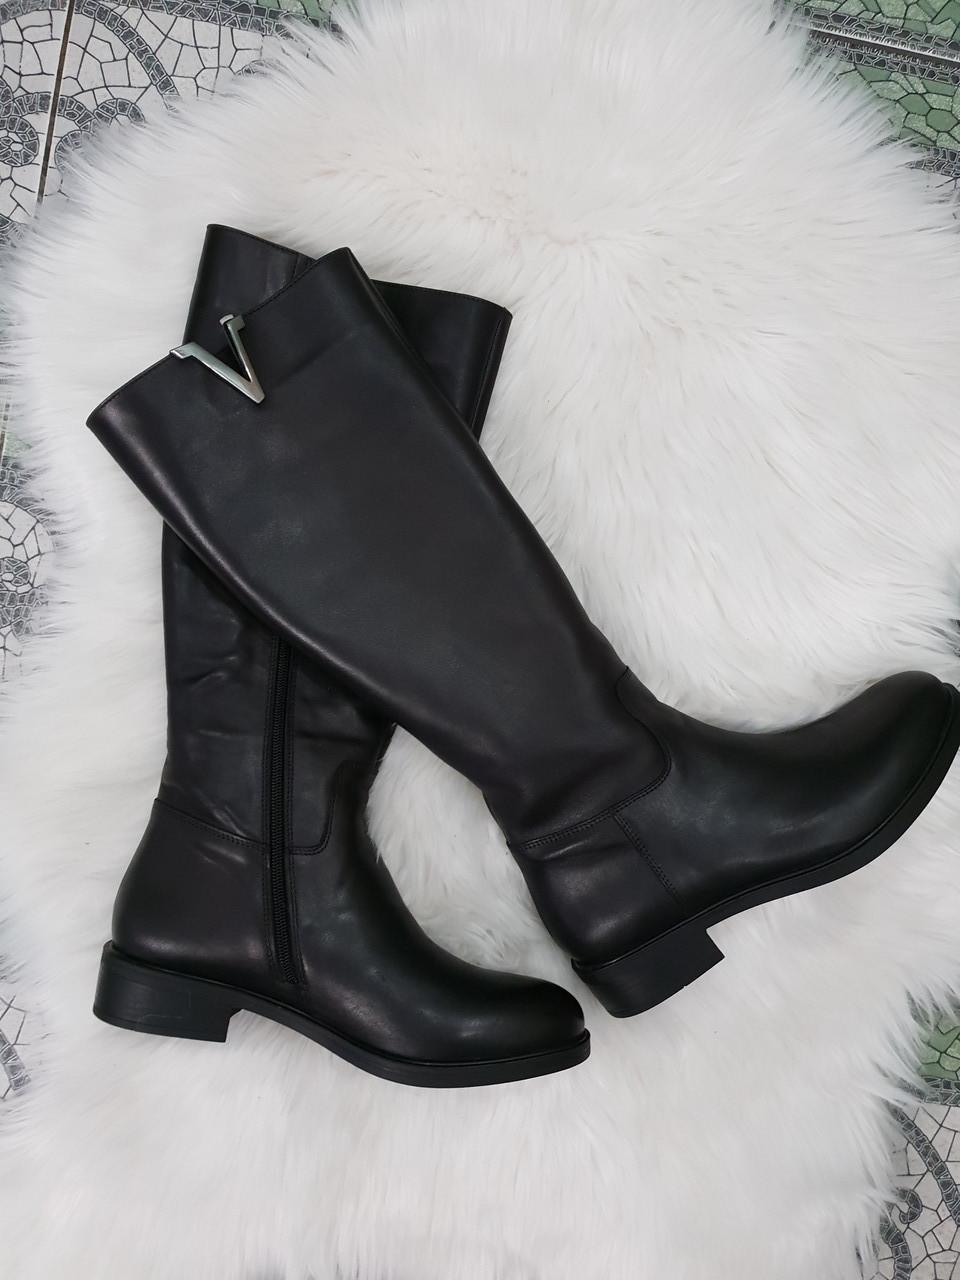 Женские стильные кожаные зимние сапоги